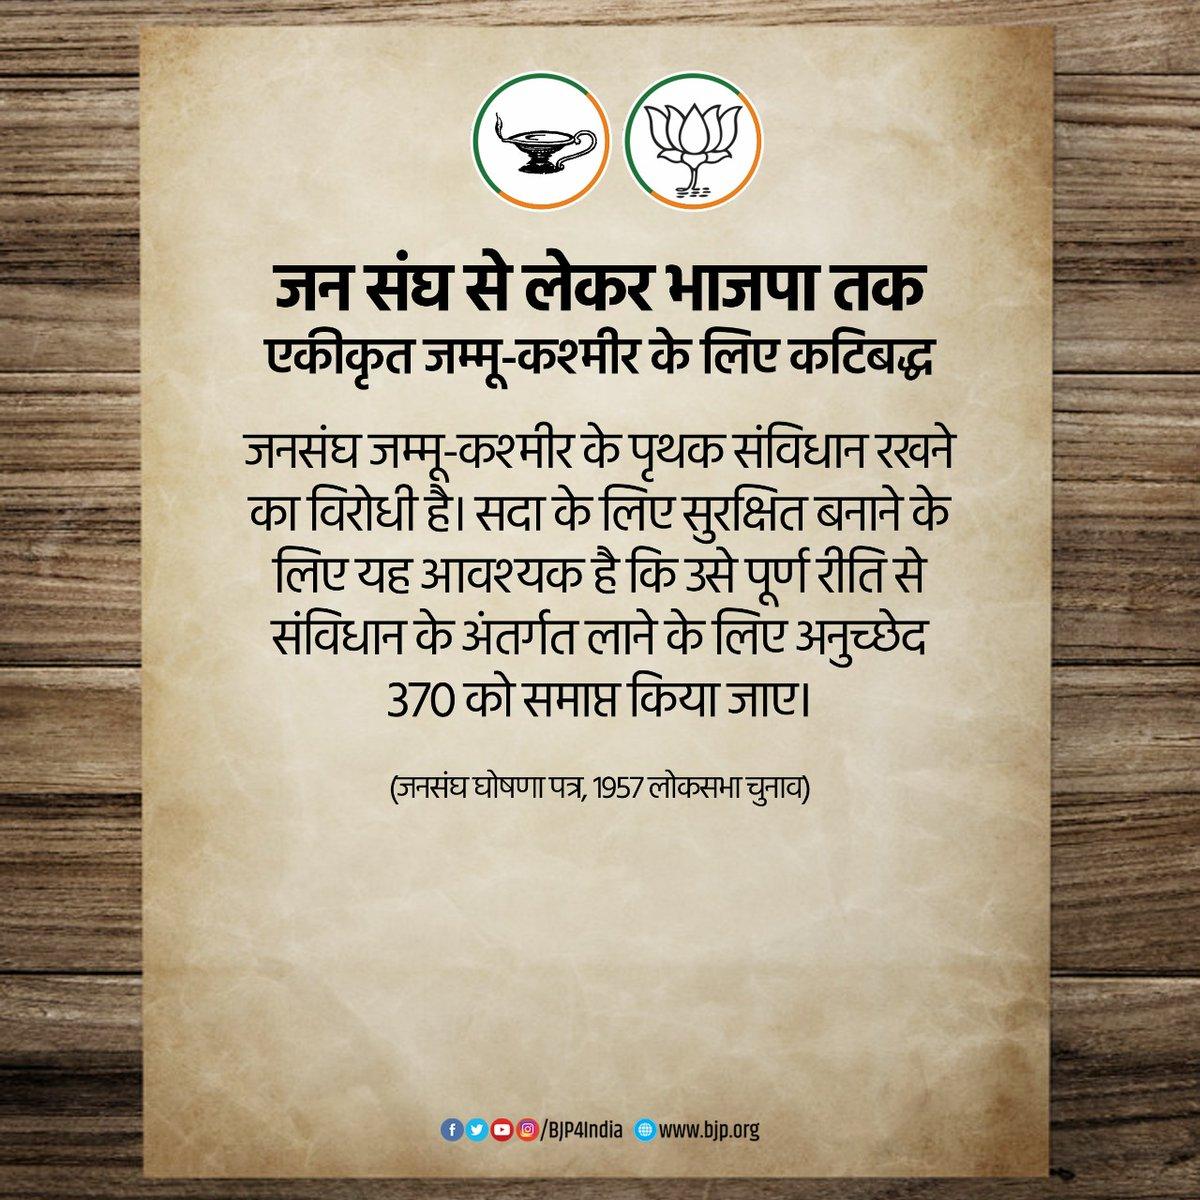 जनसंघ जम्मू-कश्मीर के पृथक संविधान रखने का विरोधी है। सदा के लिए सुरक्षित बनाने के लिए यह आवश्यक है कि उसे पूर्ण रीति से संविधान के अंतर्गत लाने के लिए अनुच्छेद 370 को समाप्त किया जाए। - जनसंघ घोषणा पत्र, 1957 लोकसभा चुनाव #OneYearOfNoArticle370